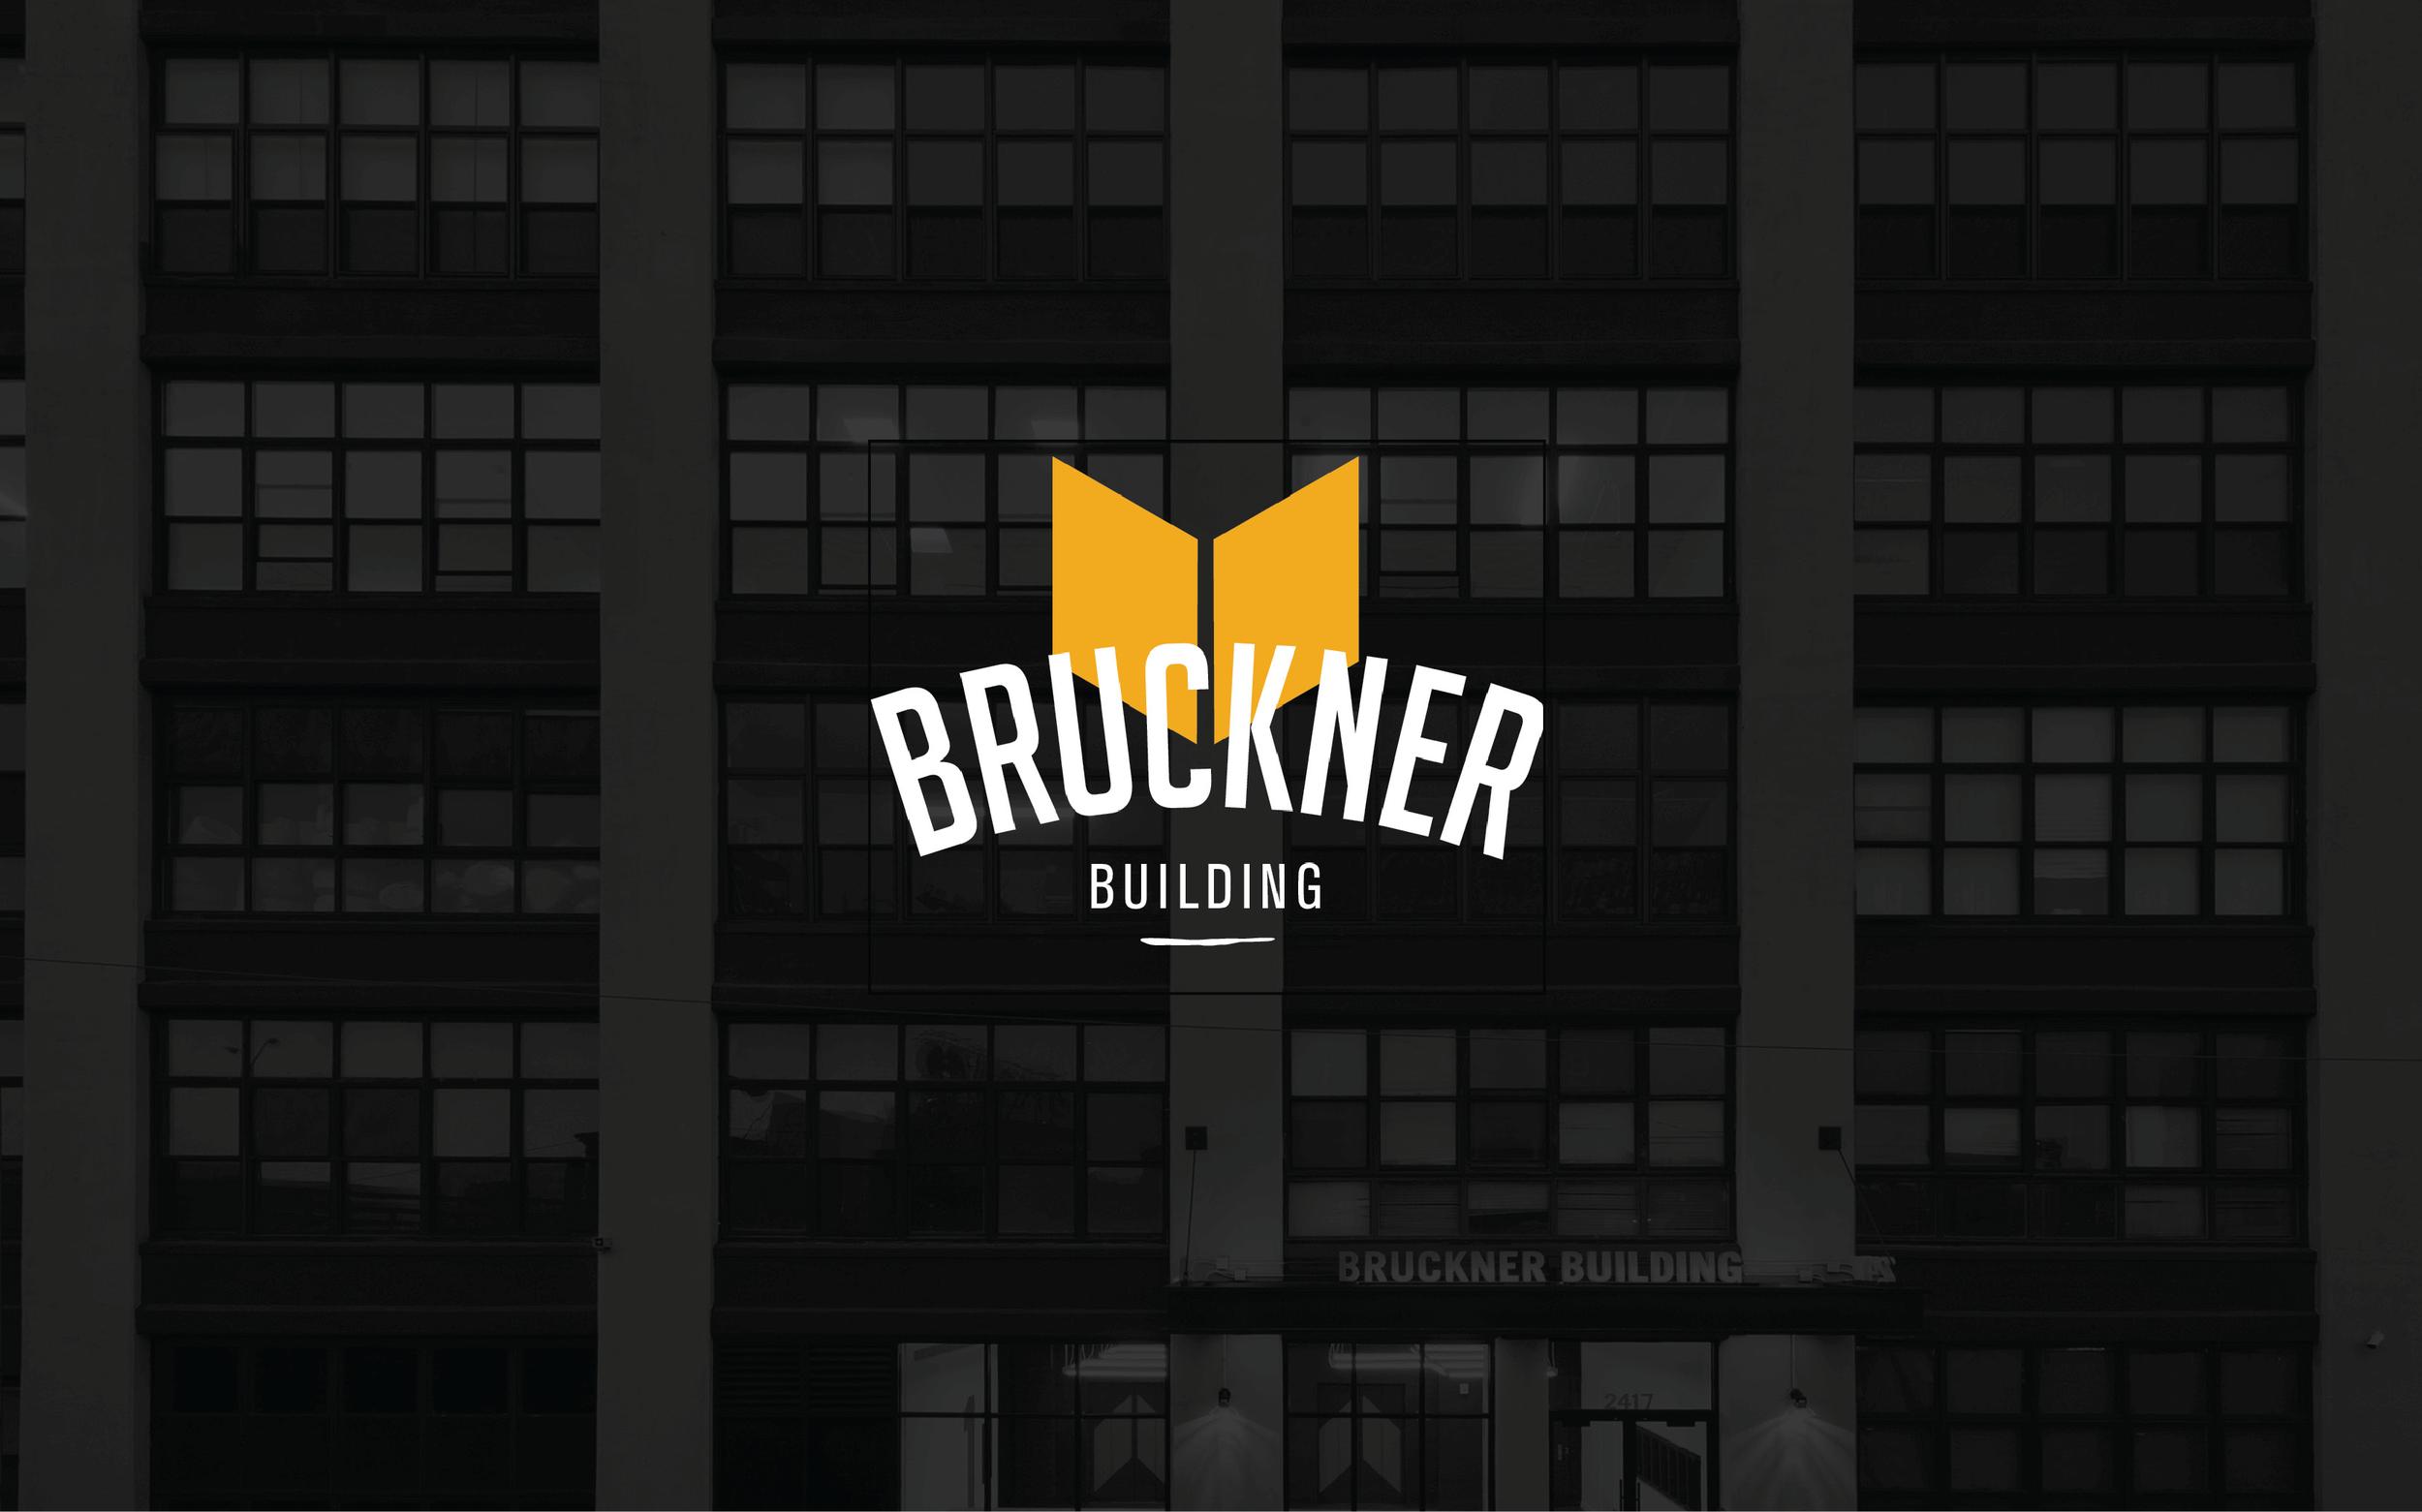 Bruckner-02.png